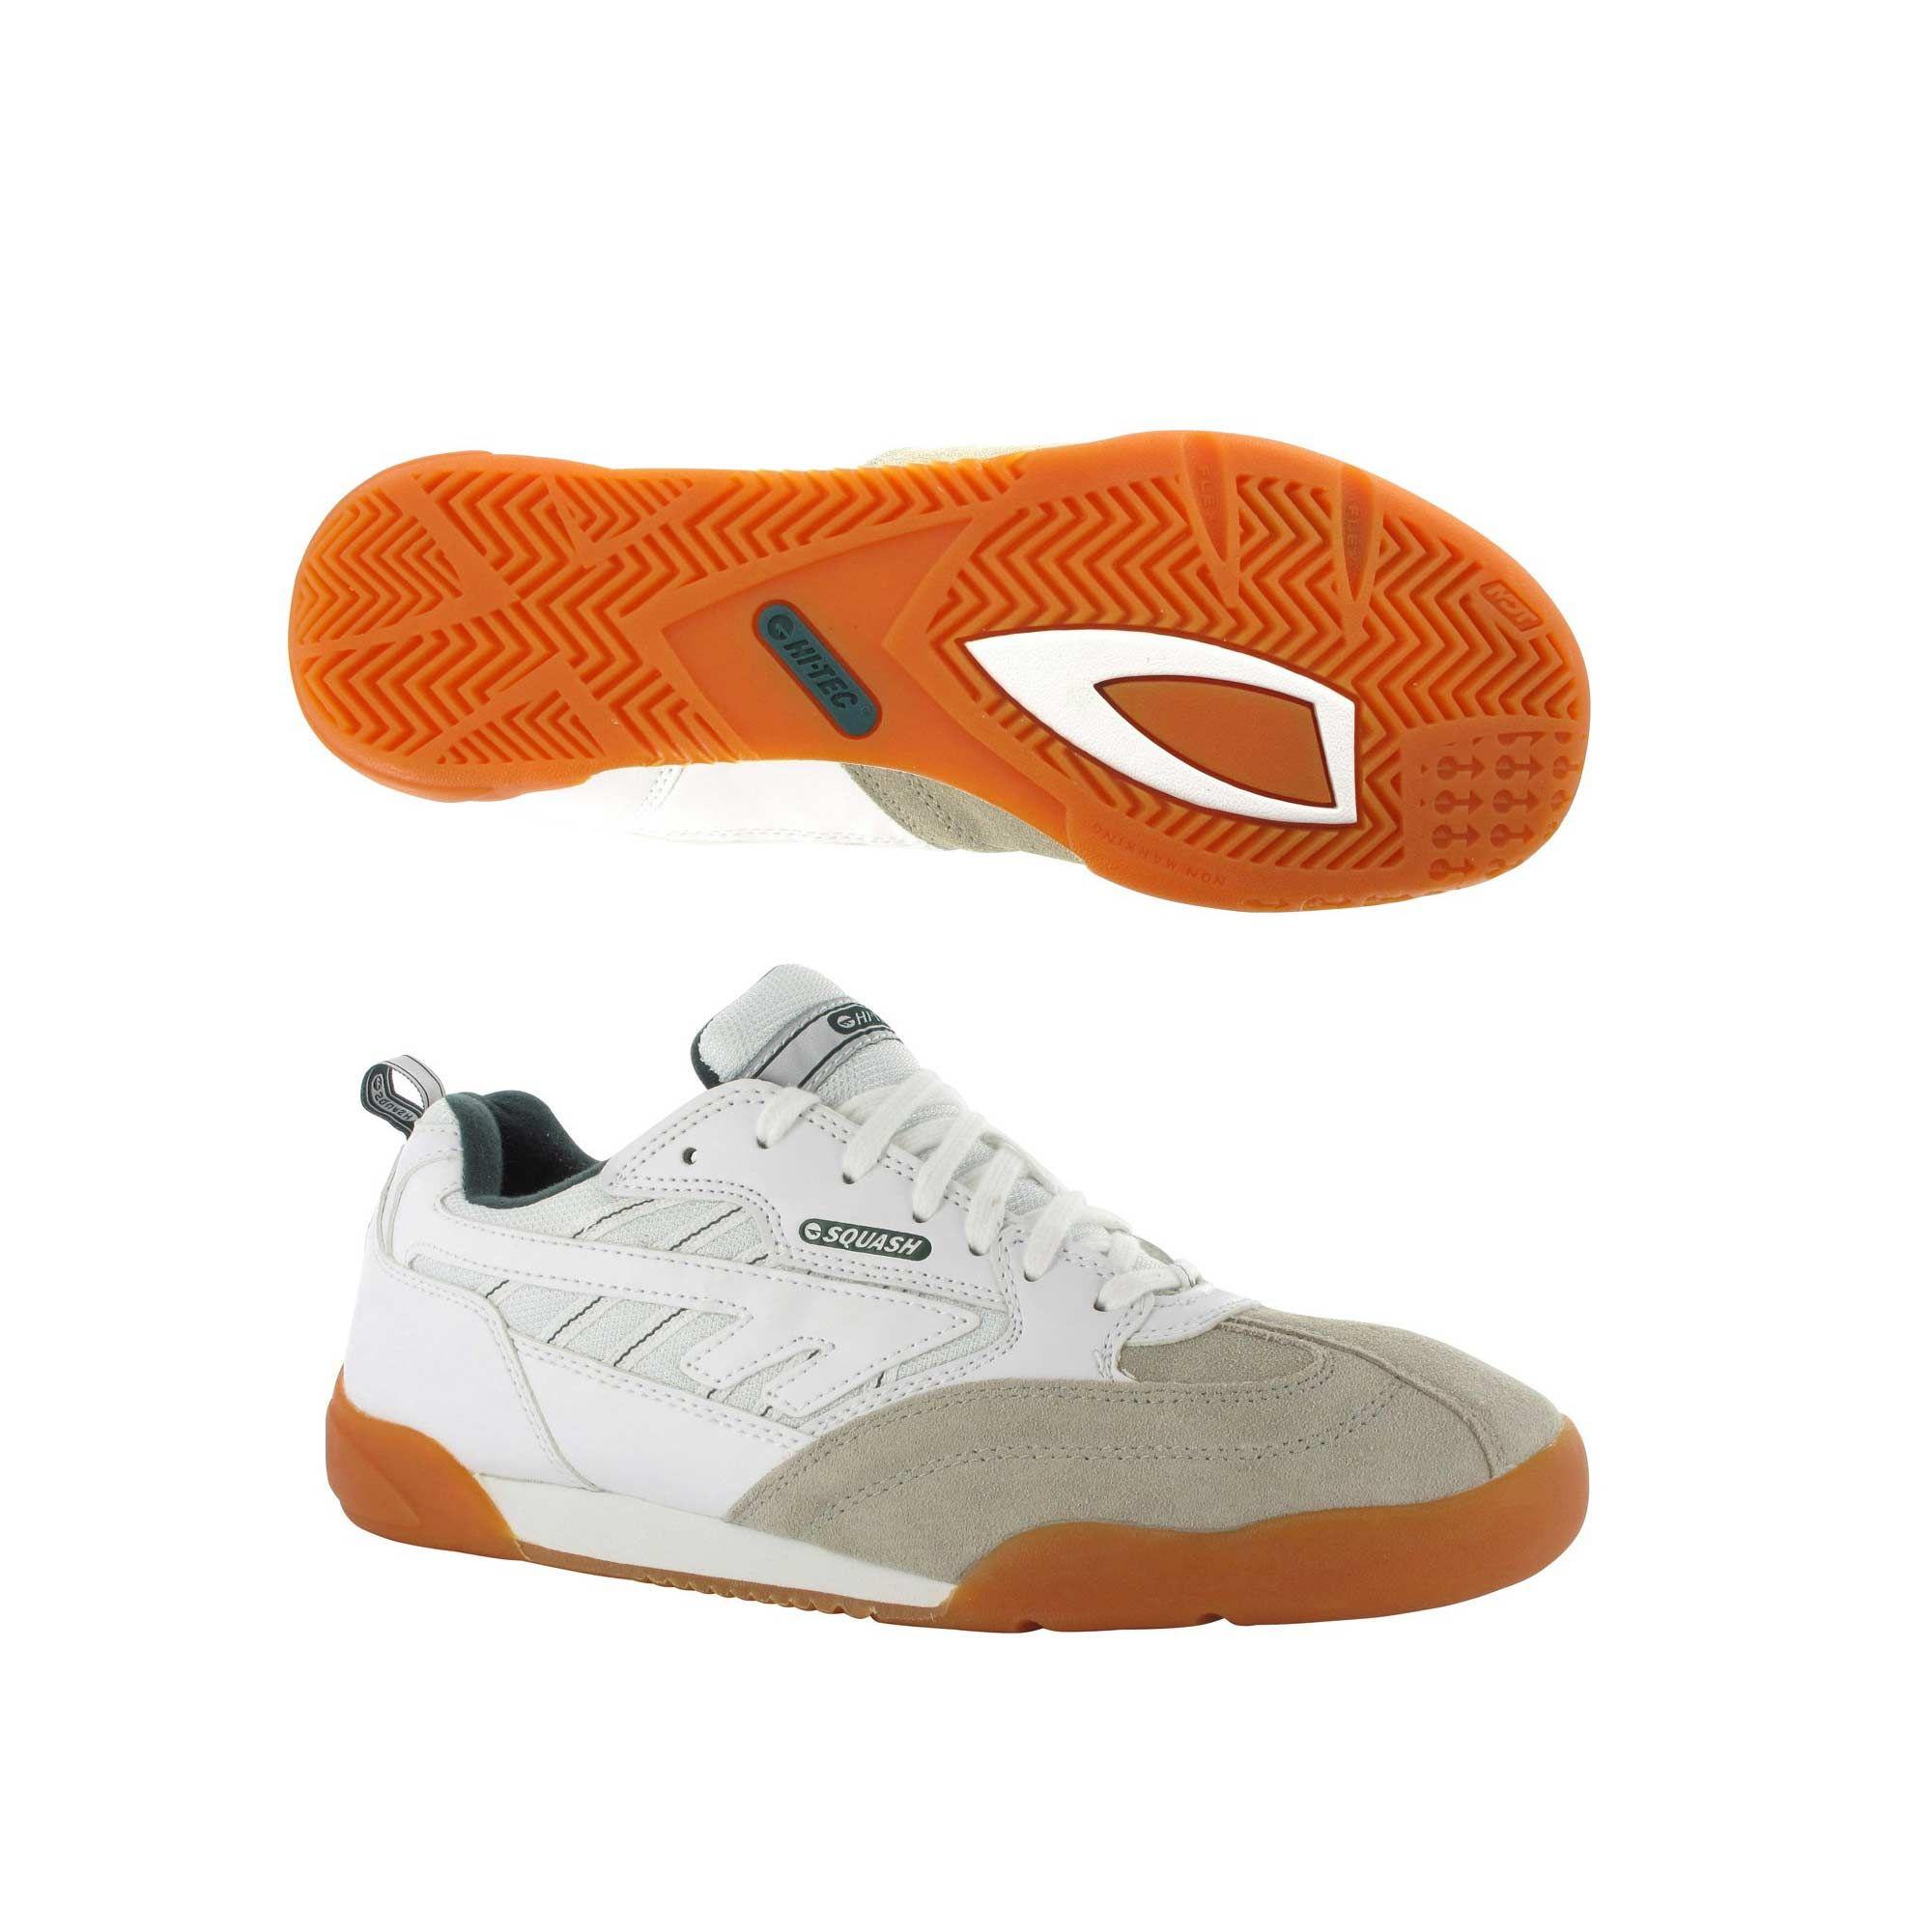 hi tec squash classic shoes